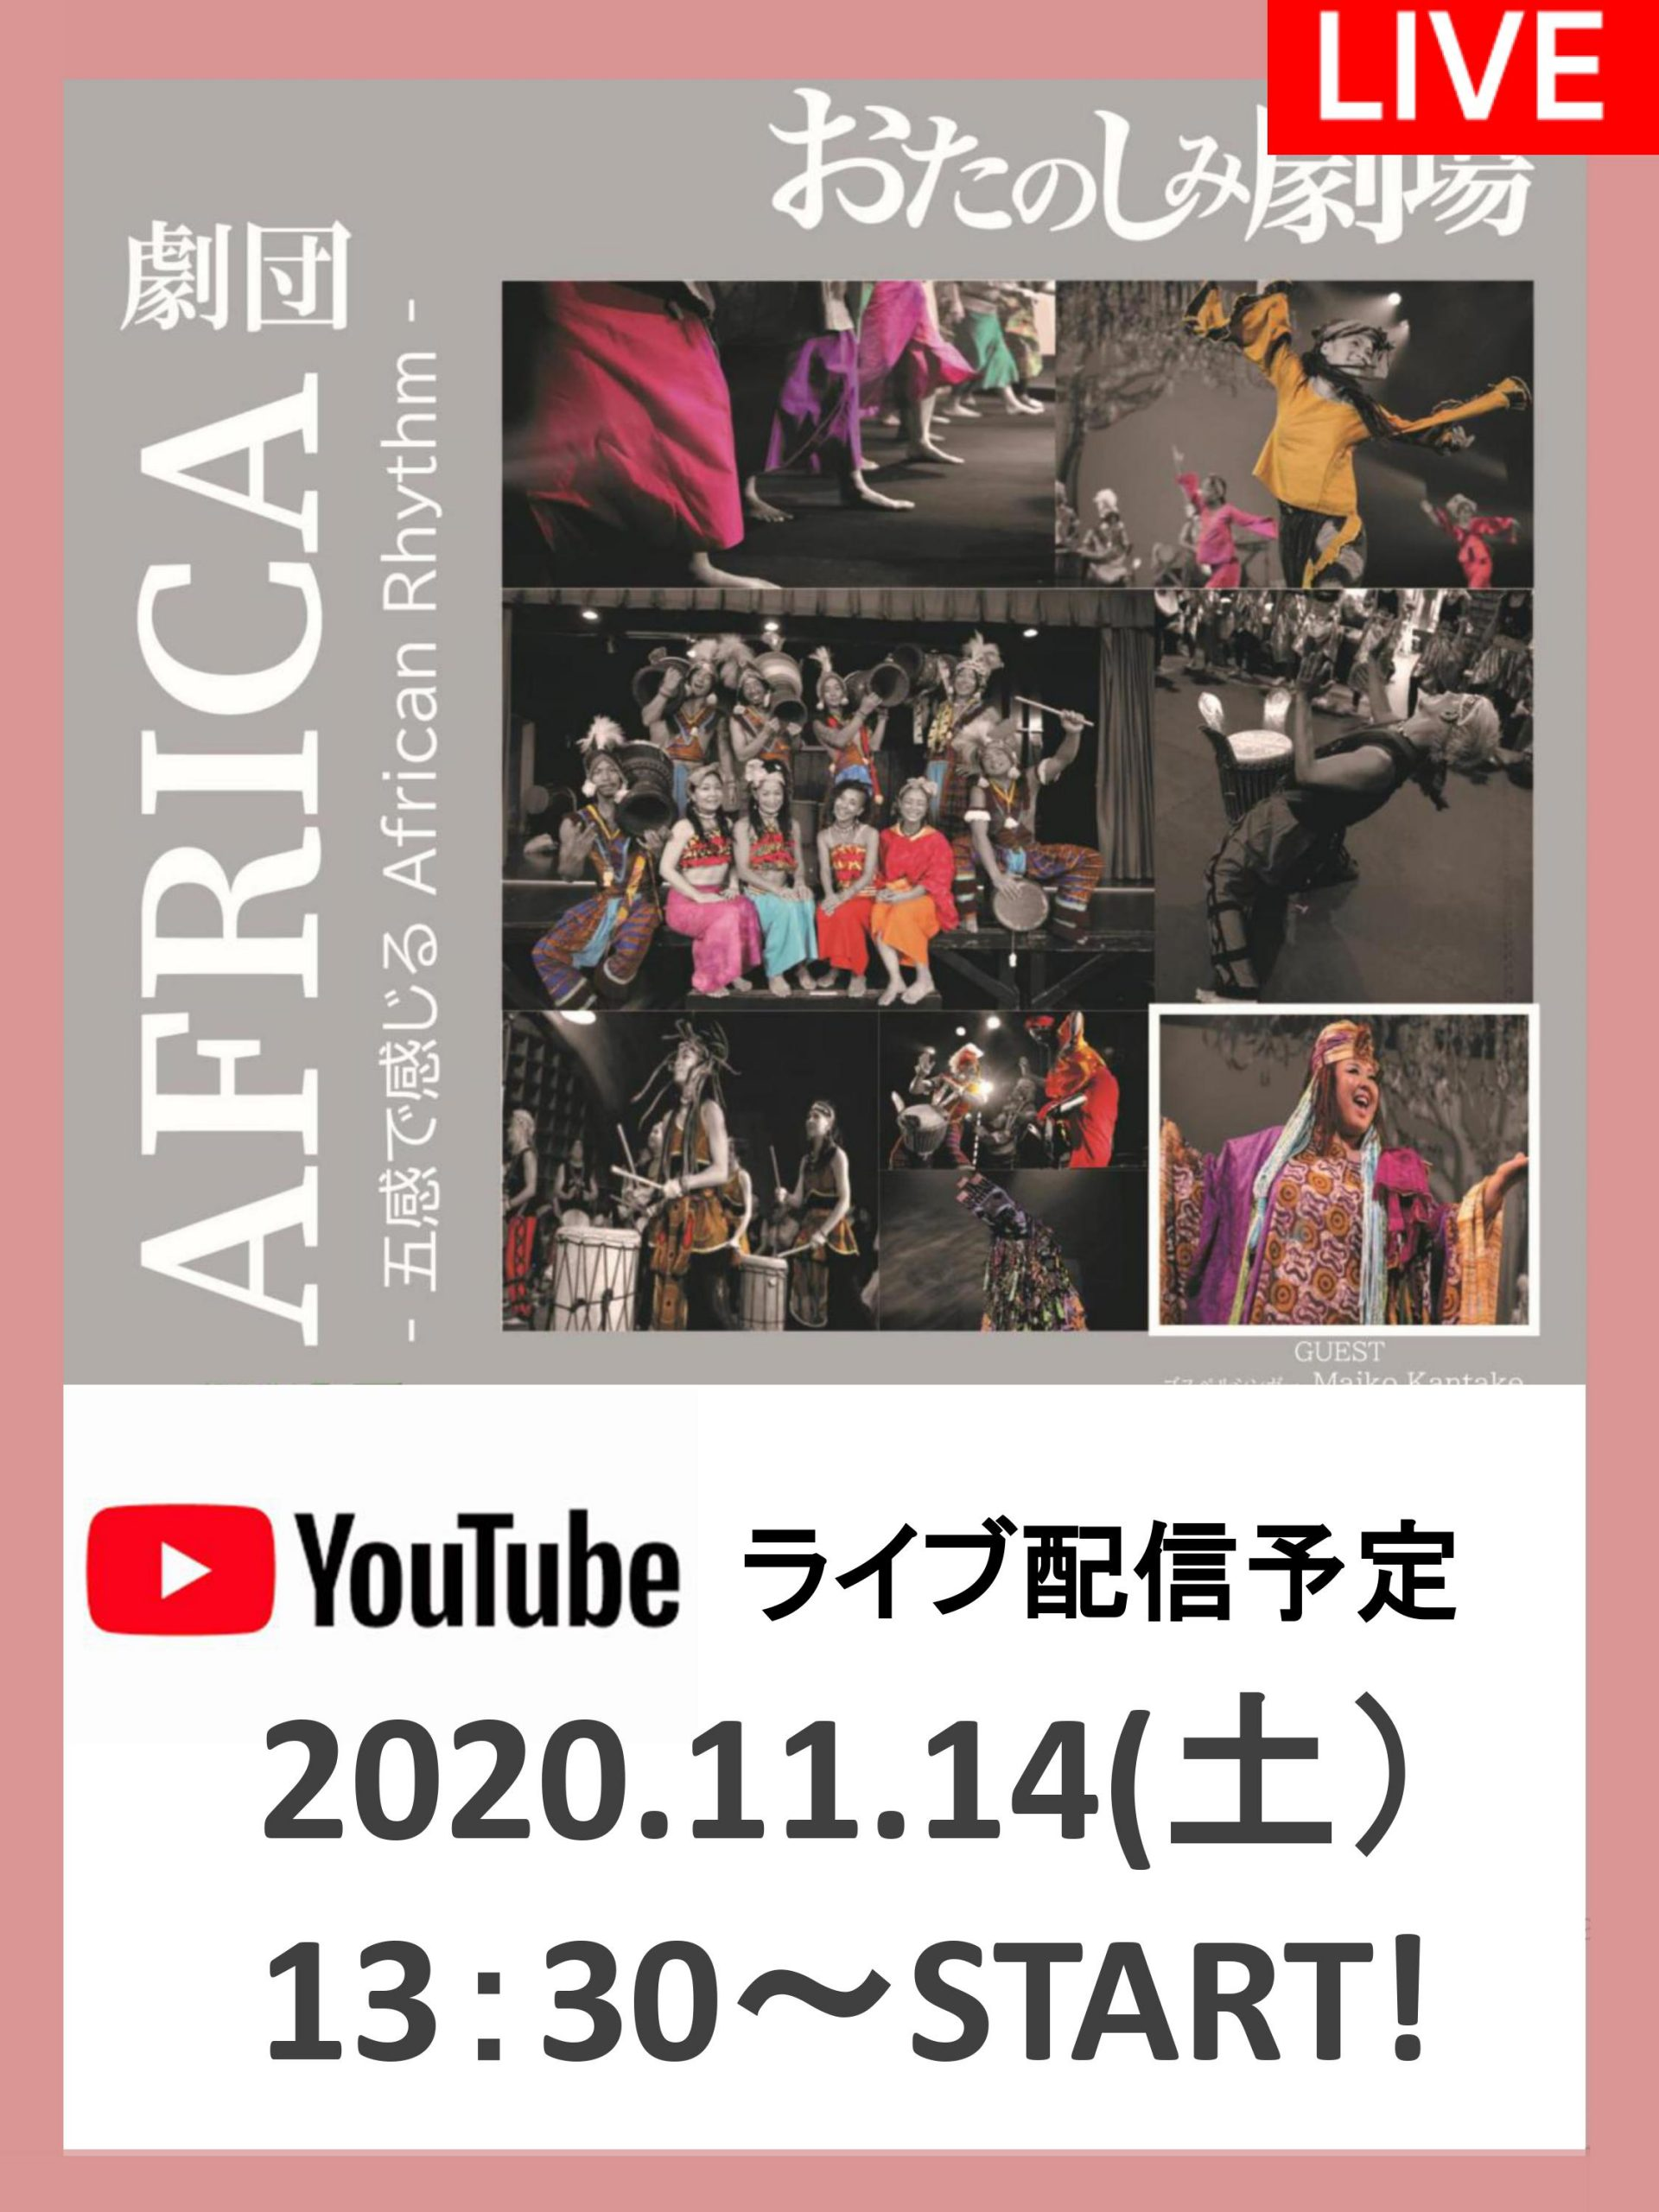 【お楽しみ劇場/劇団AFRICA  ライブ配信予定】